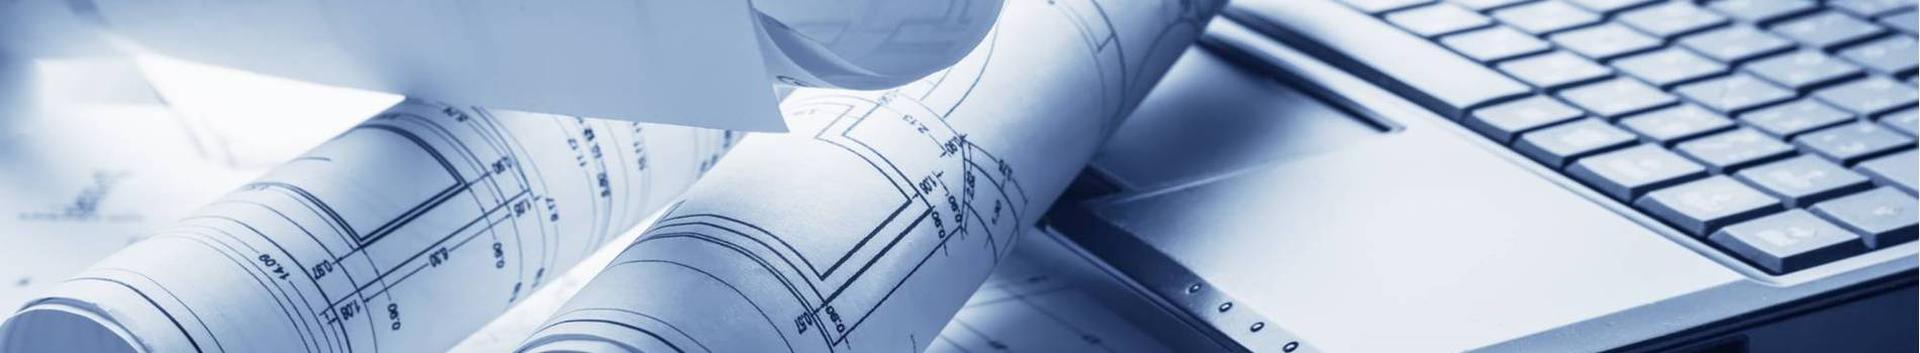 71129_insener-tehnilised-tegevused_43194058_xl.jpg